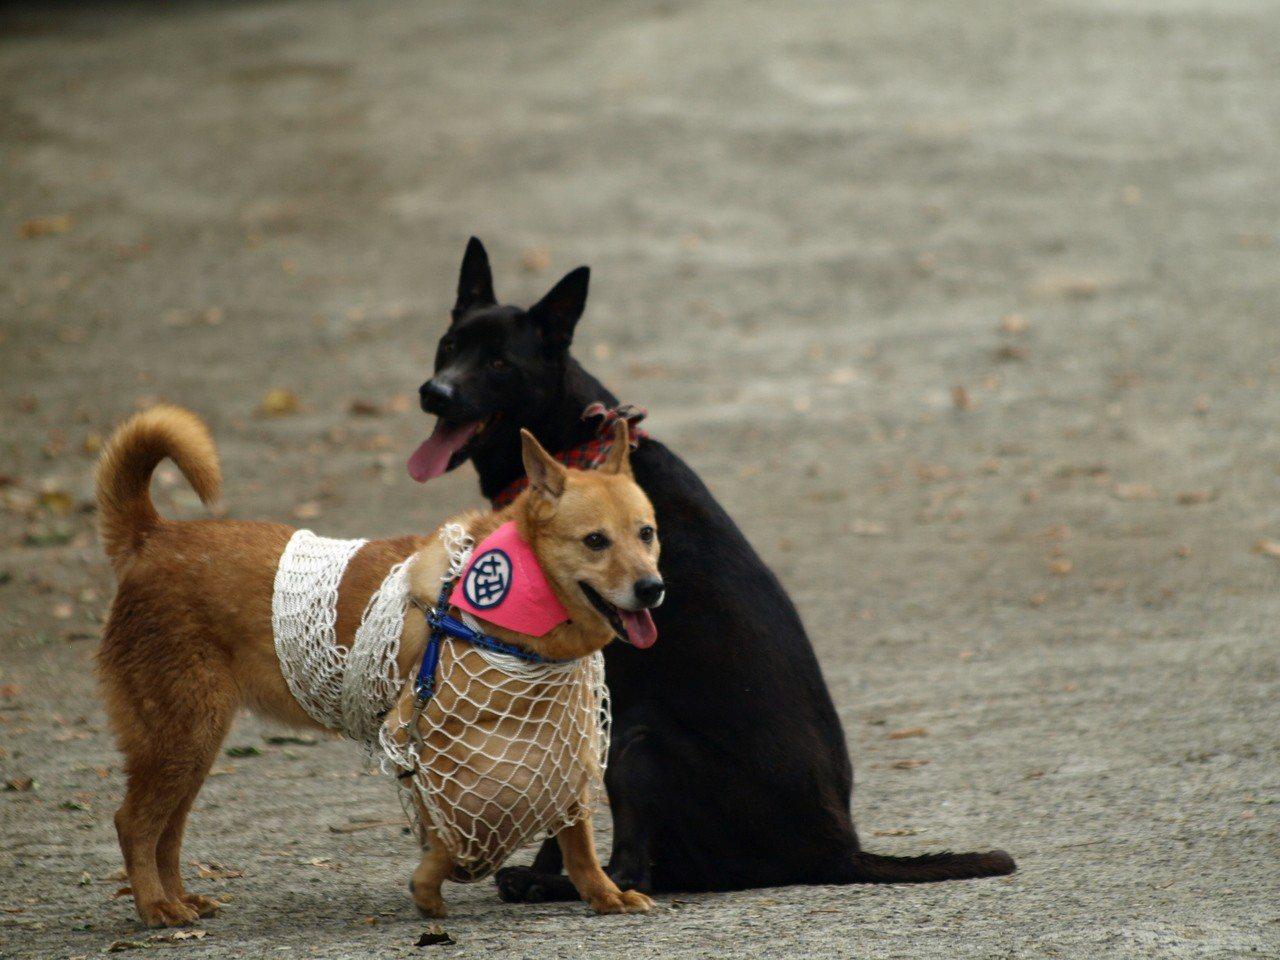 流浪犬妞妞原本長了一顆大腫瘤,出院醫療後,成為家庭新成員(Claire 提供)